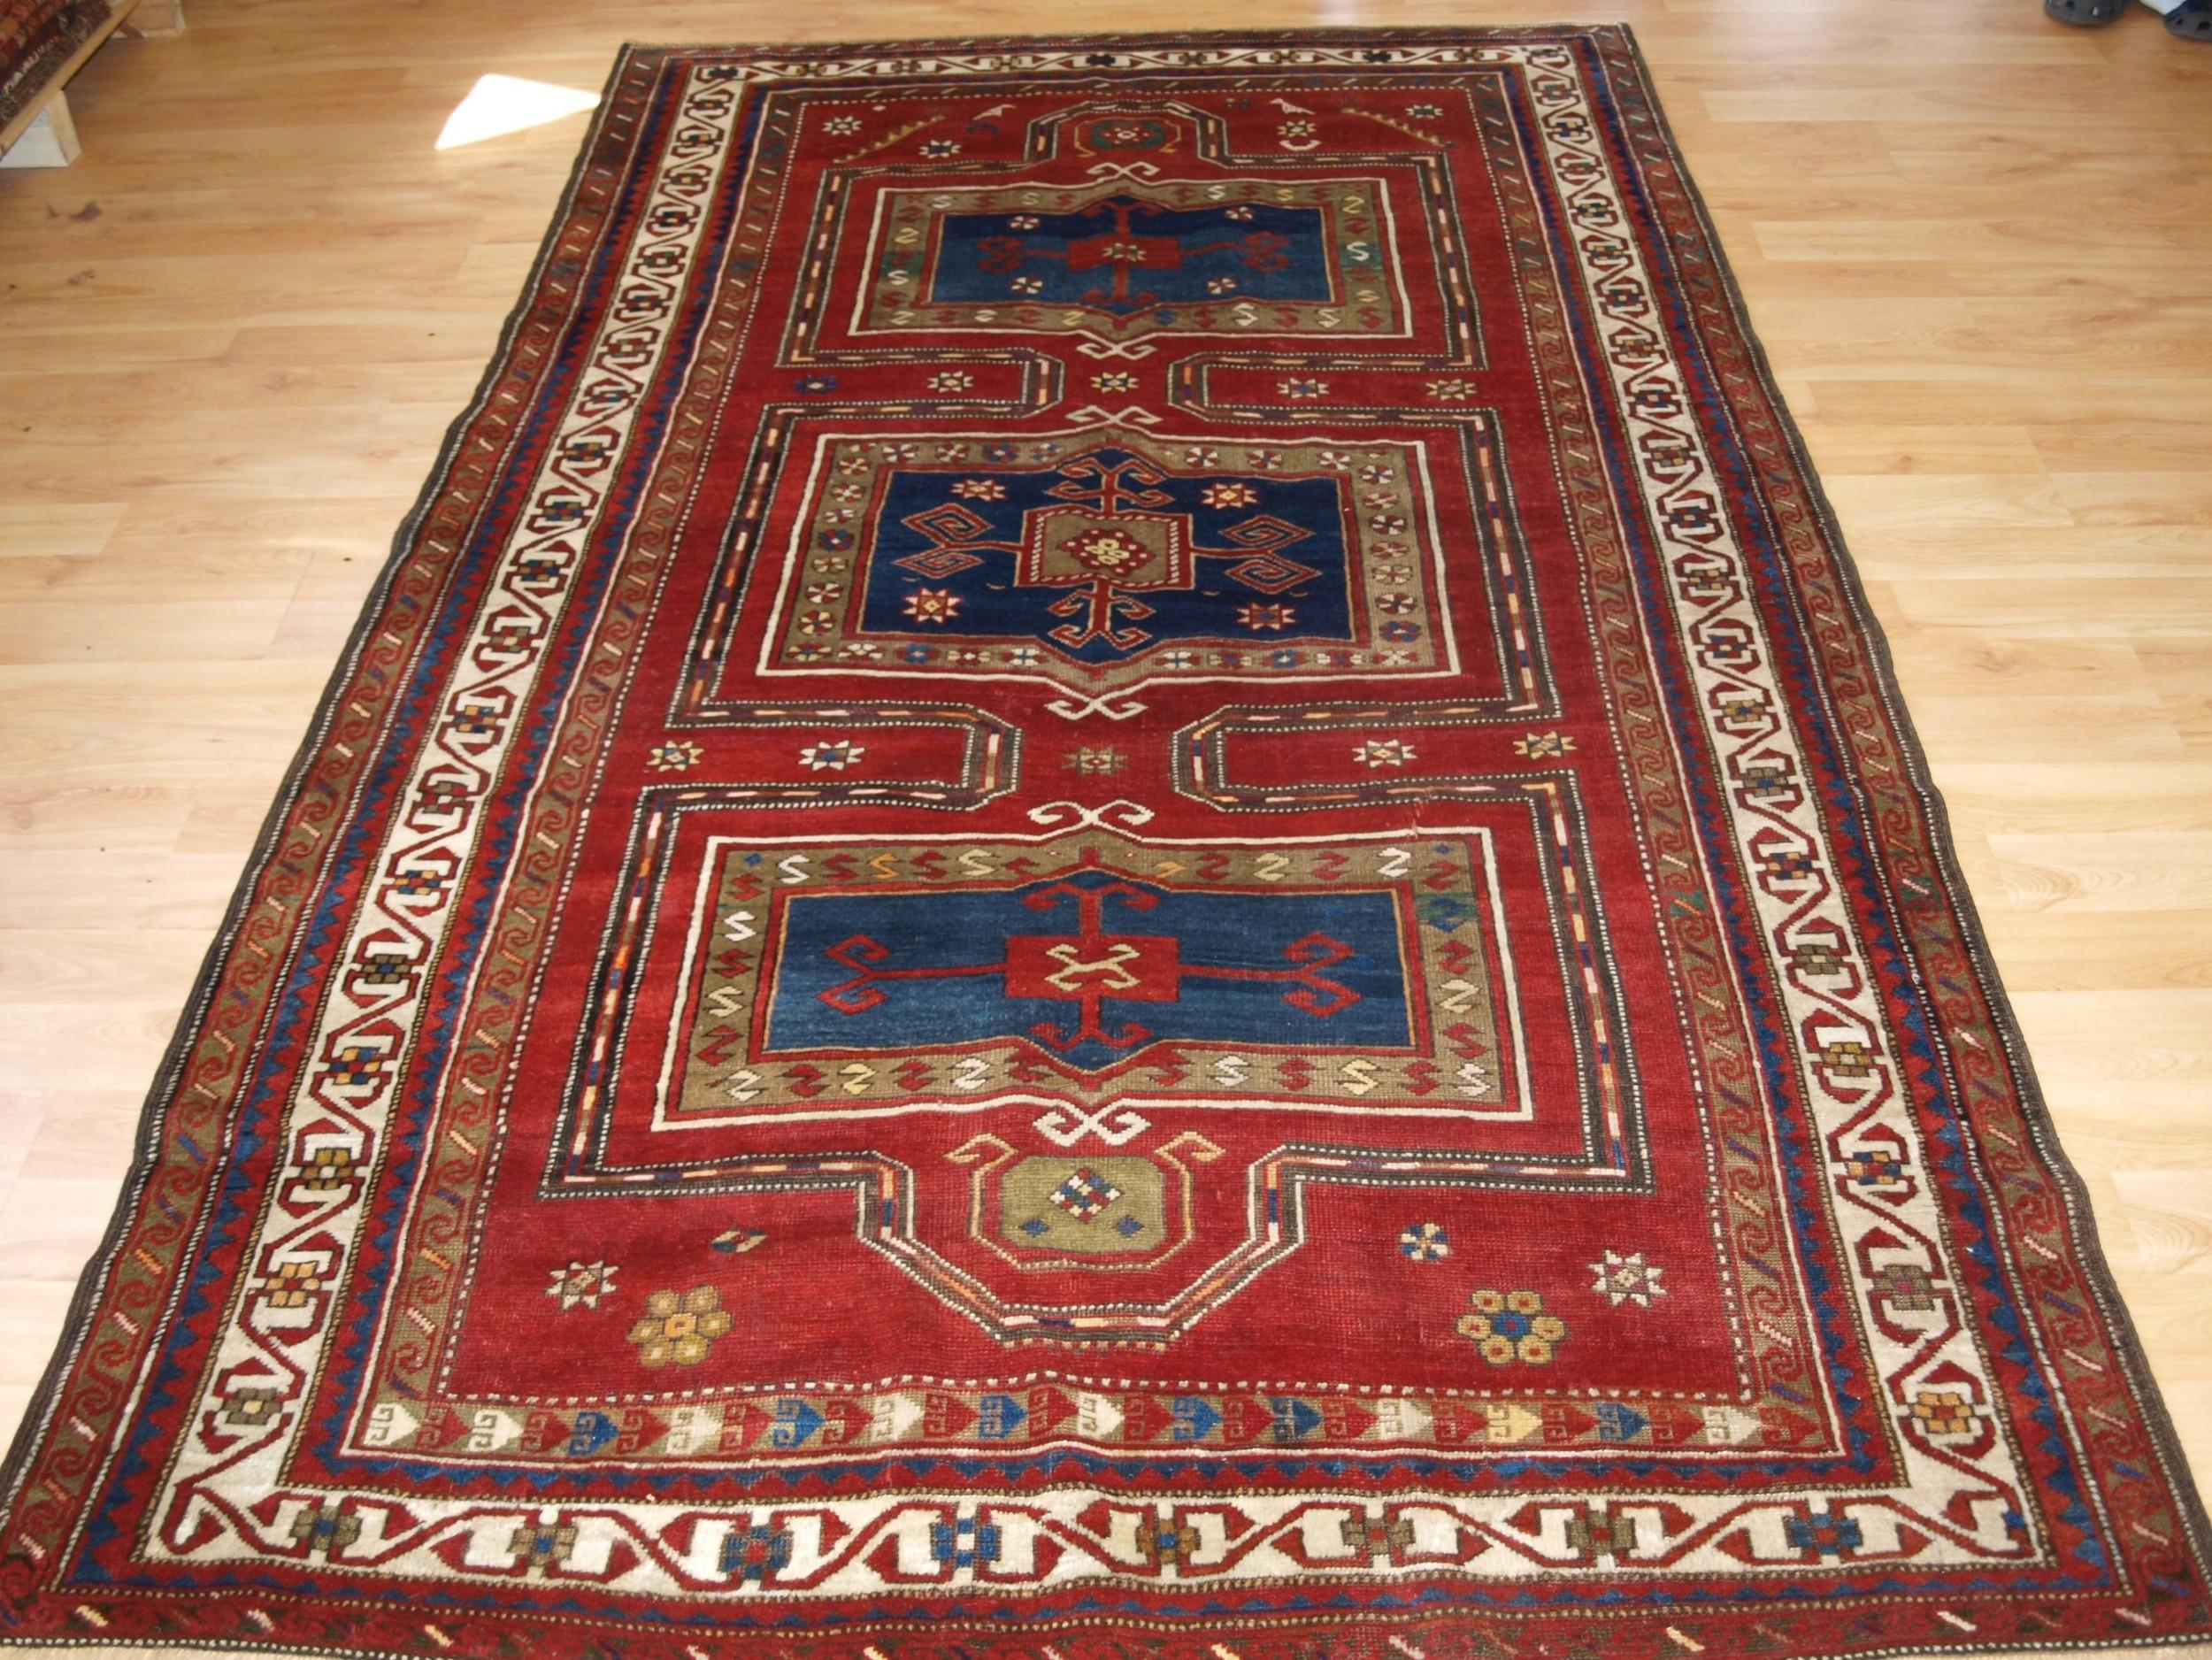 antique caucasian fachralo kazak long rug with niche design circa 1900